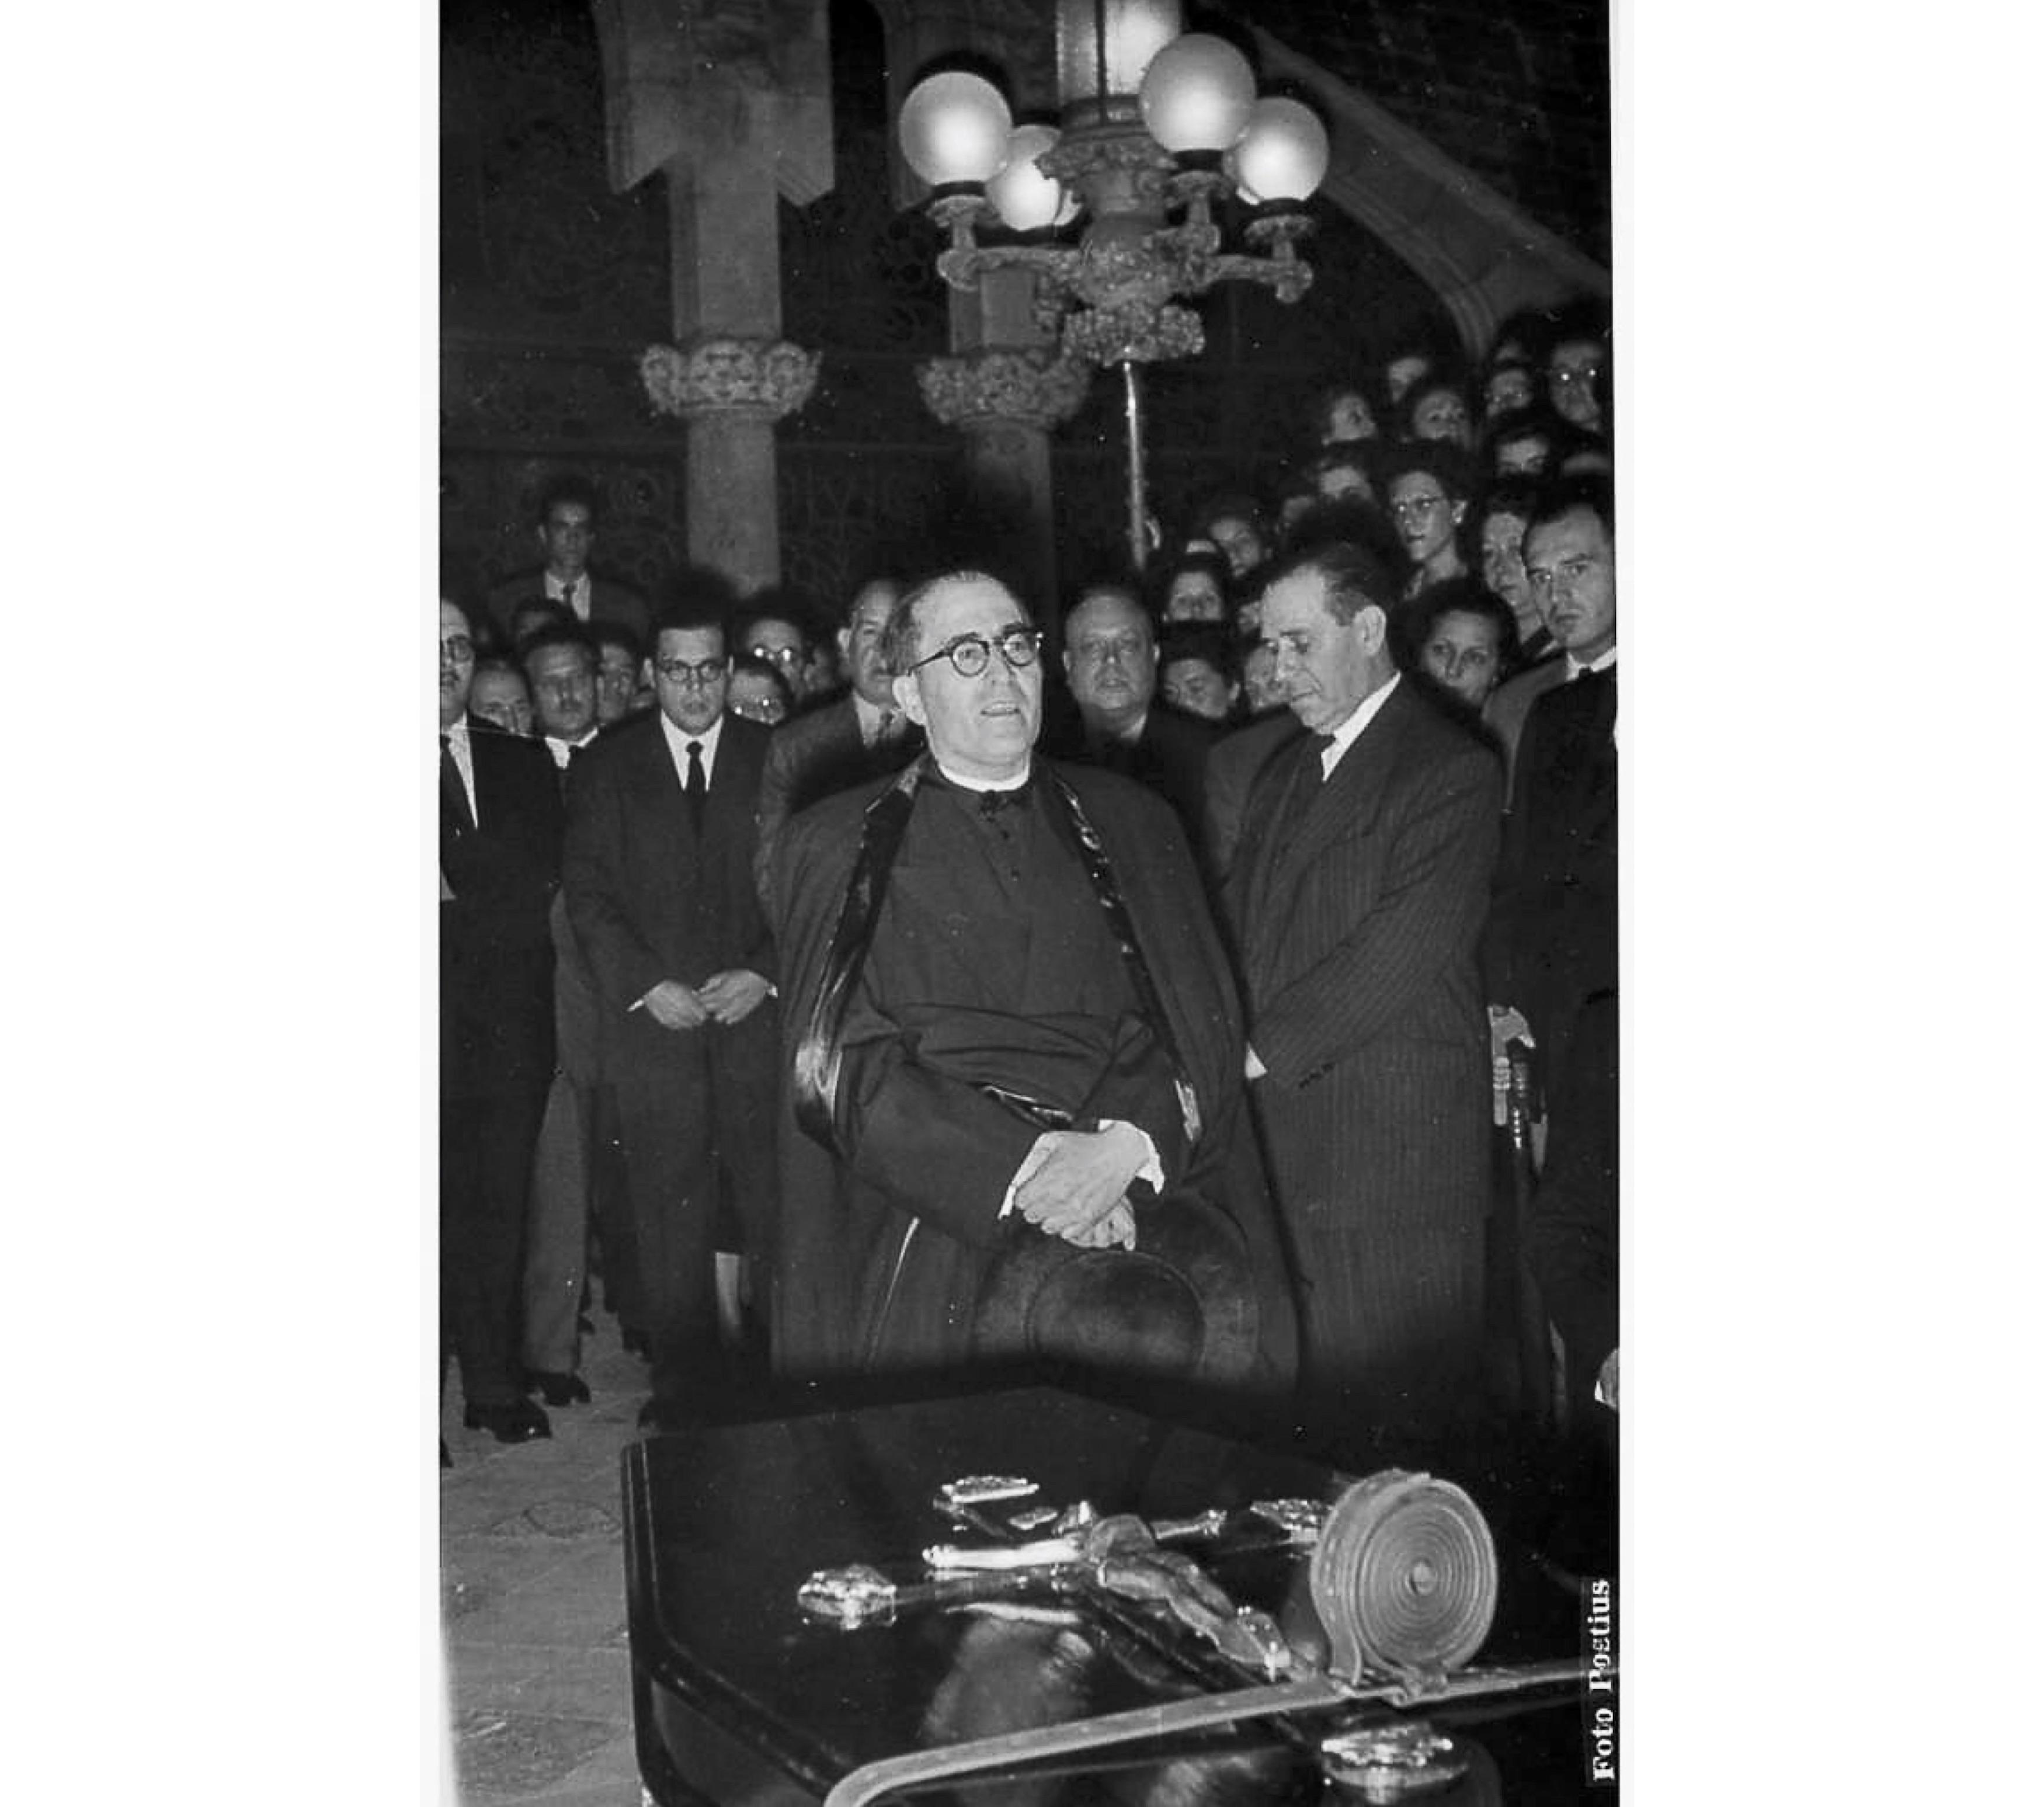 Joan Tomàs a l'enterrament del Mestre Joan Llongueres. 14 d'octubre de 1953. CEDOC